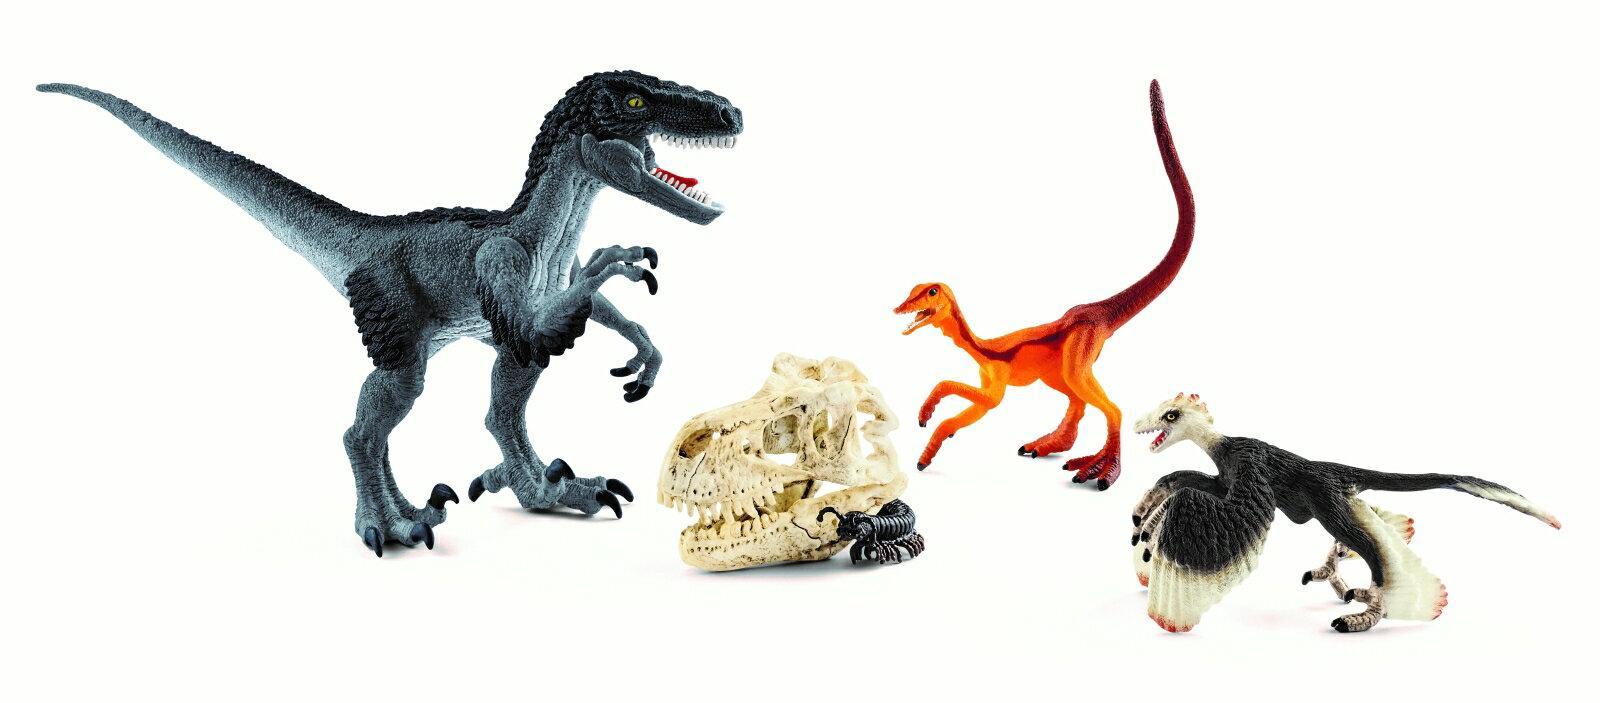 72128 ベロキラプトルハンティングセット 【シュライヒ】 DINOSAURS/恐竜